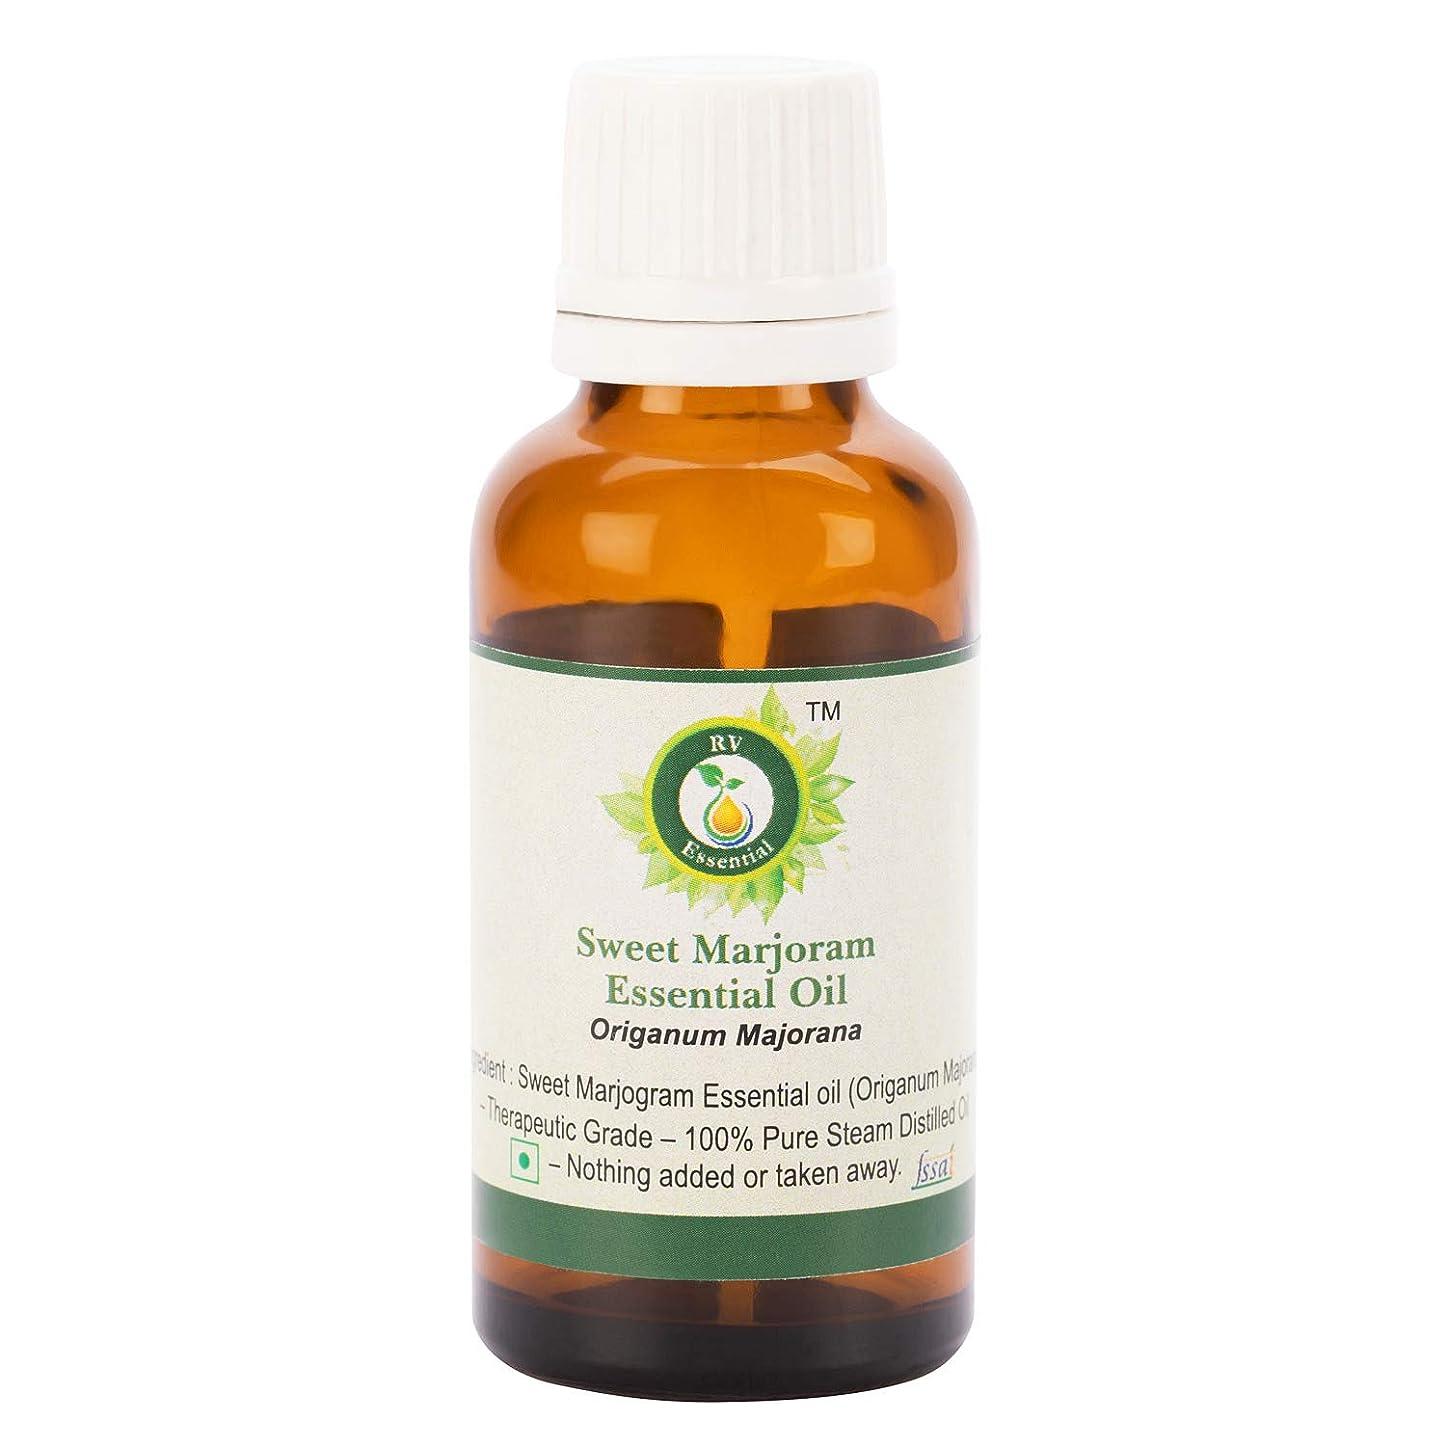 ばかげている深く鈍いピュアスウィートマジョラムエッセンシャルオイル100ml (3.38oz)- Origanum Majorana (100%純粋&天然スチームDistilled) Pure Sweet Marjoram Essential Oil